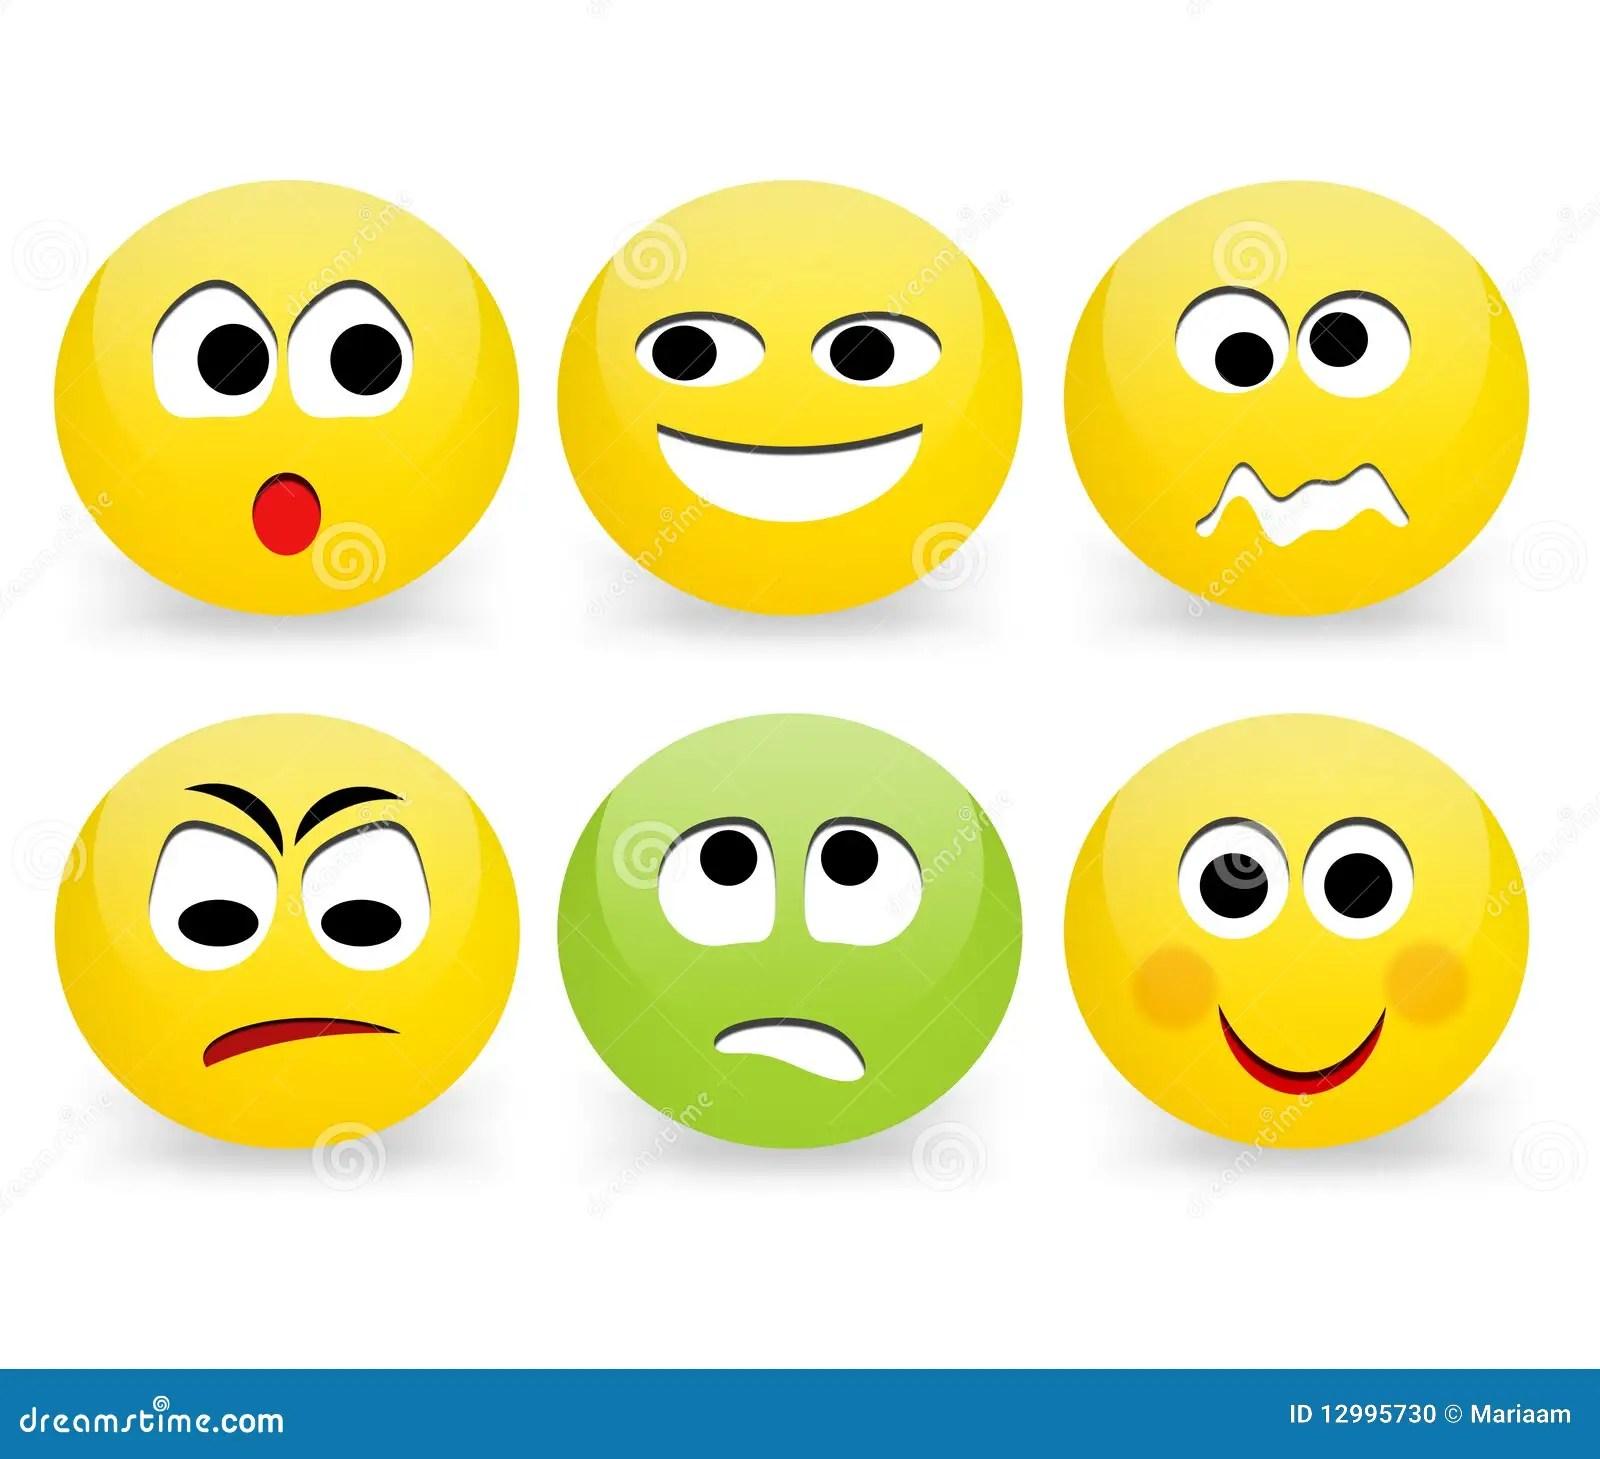 Caras Divertidas Del Emoticon Stock De Ilustracion